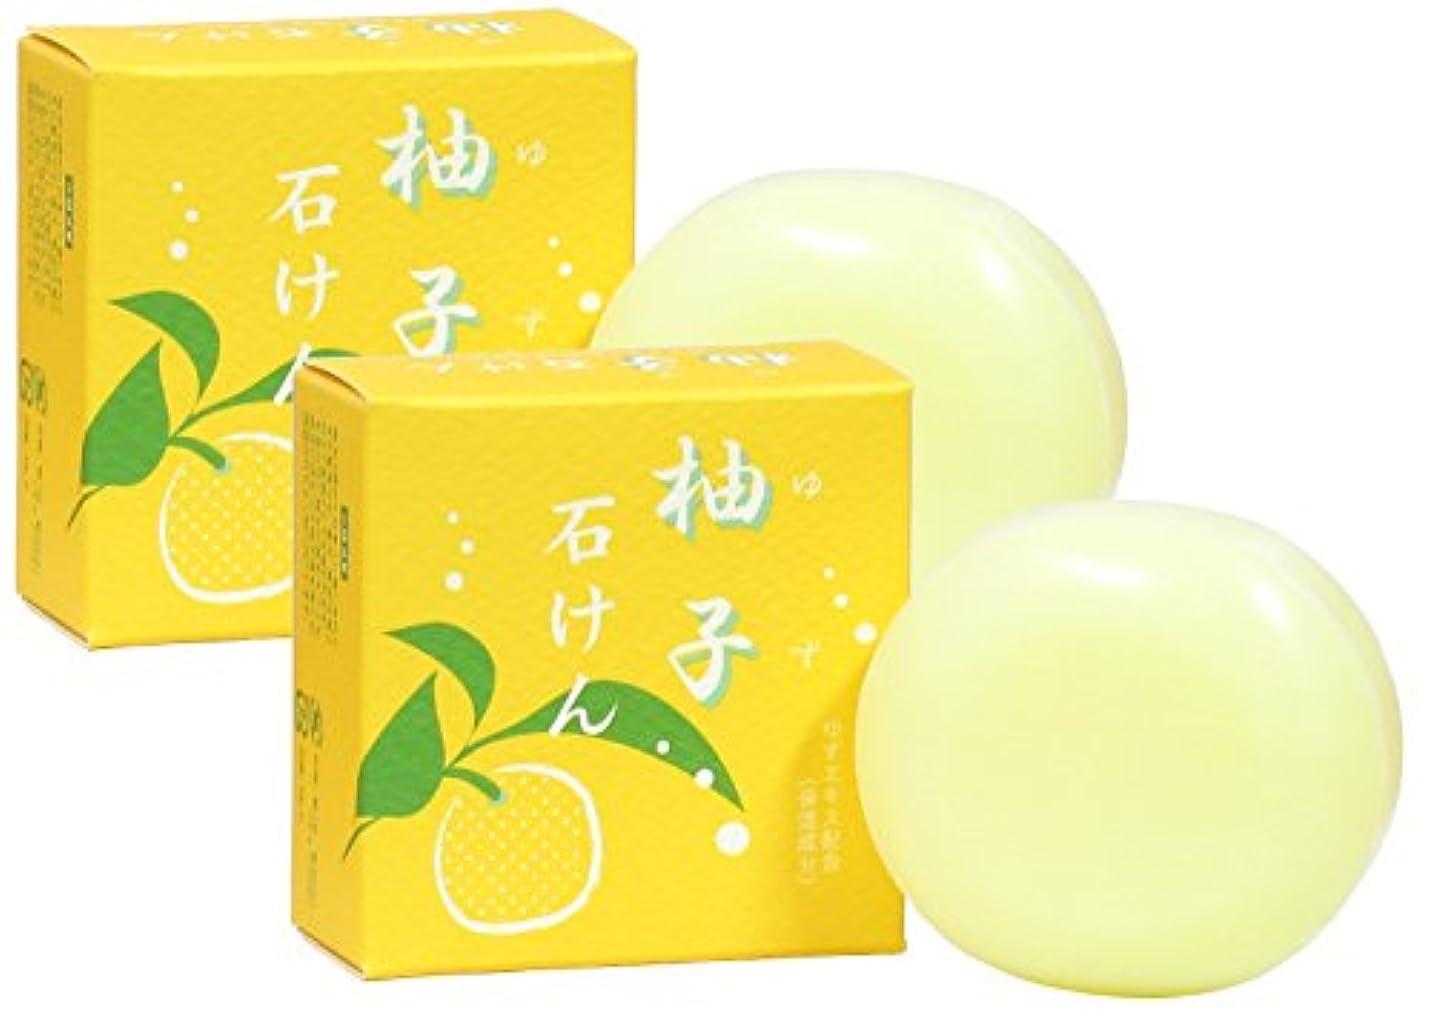 広まった転送聖なるゆず石鹸100g×2個 ユズ 柚子 石けん せっけん セッケン